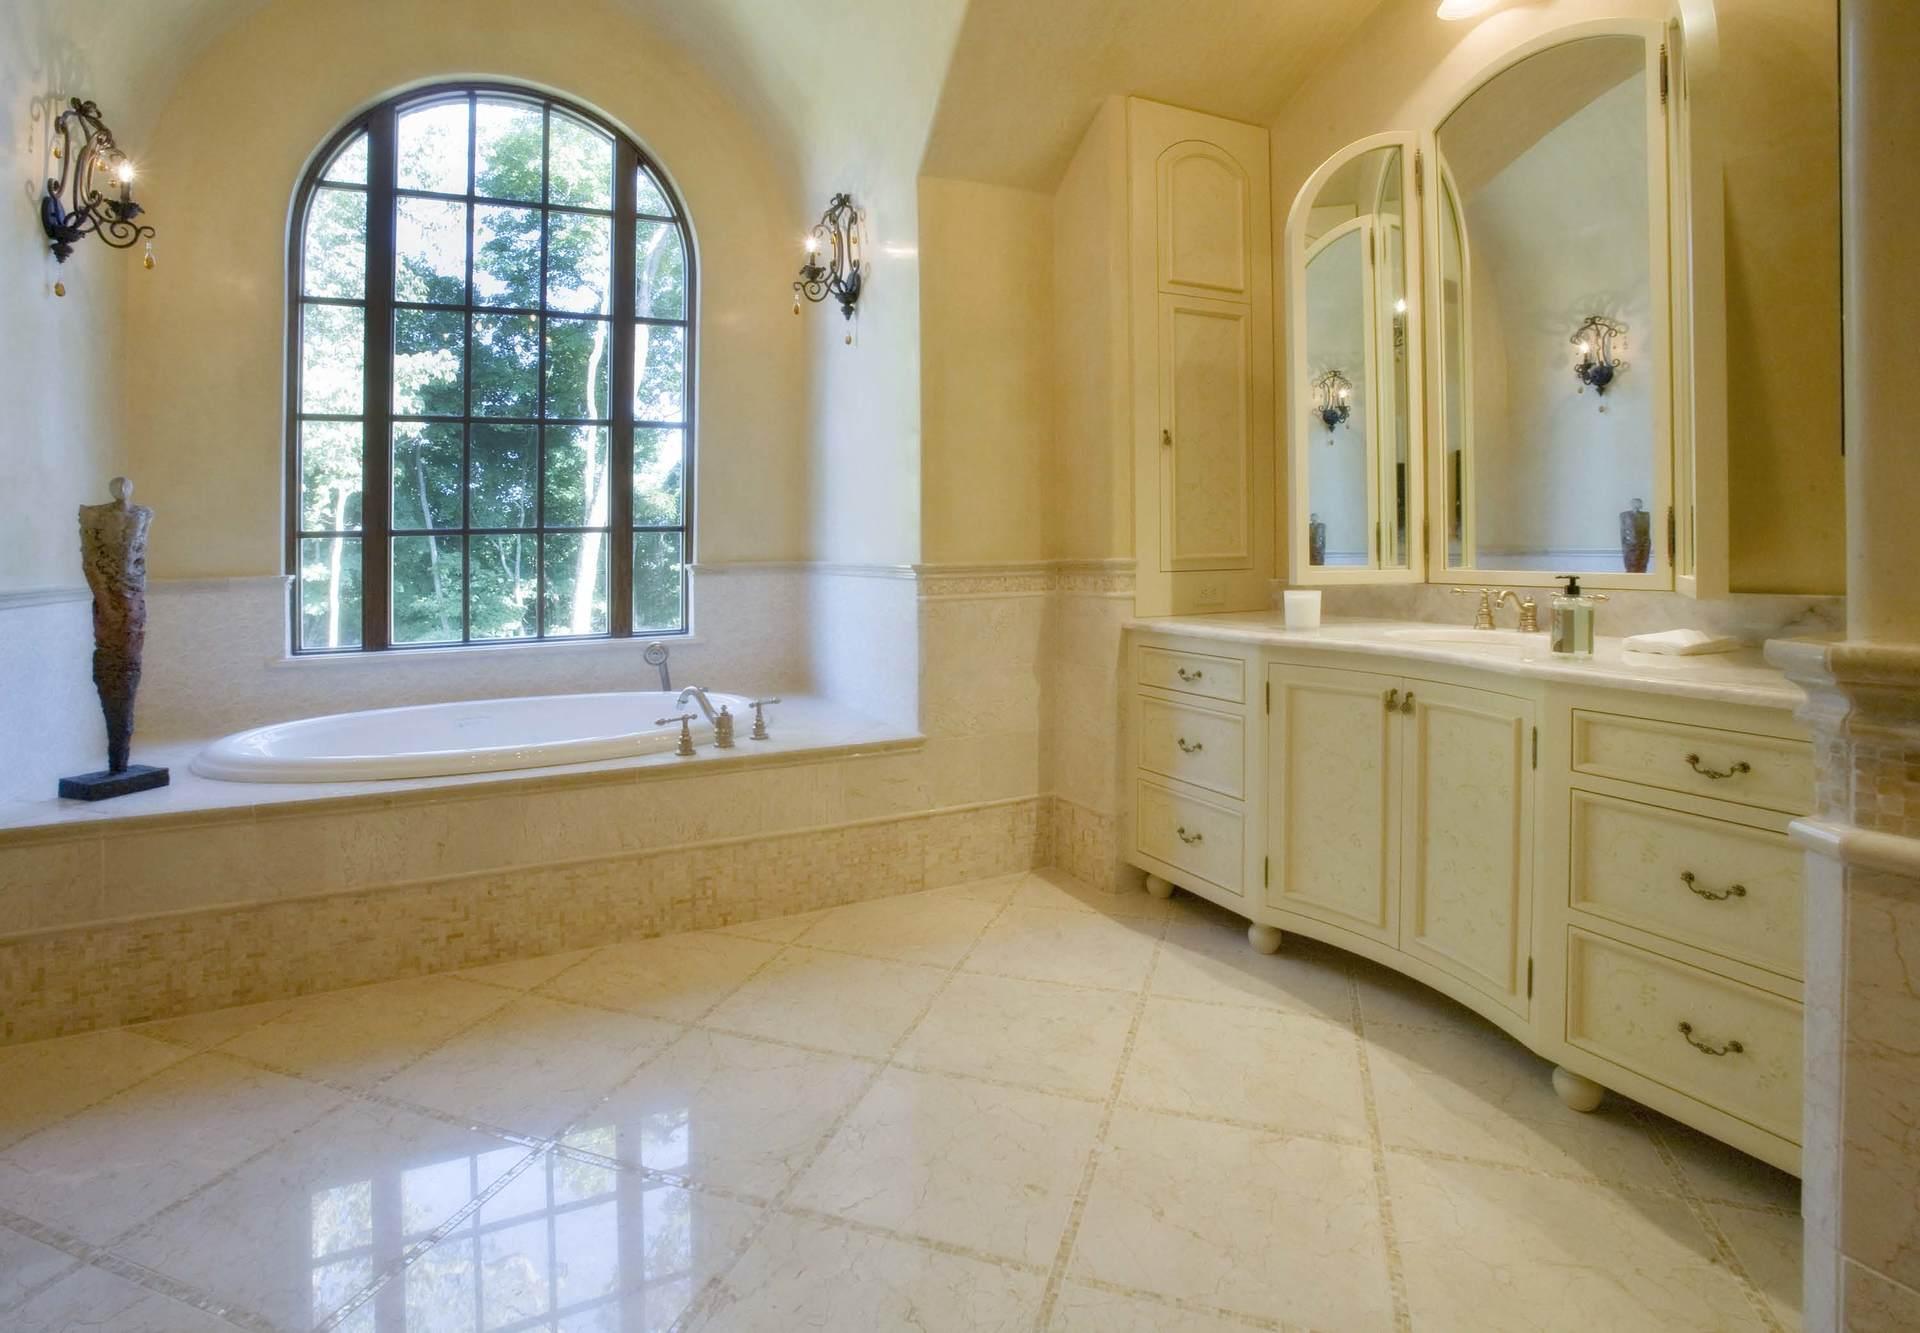 After bathroom remodeling